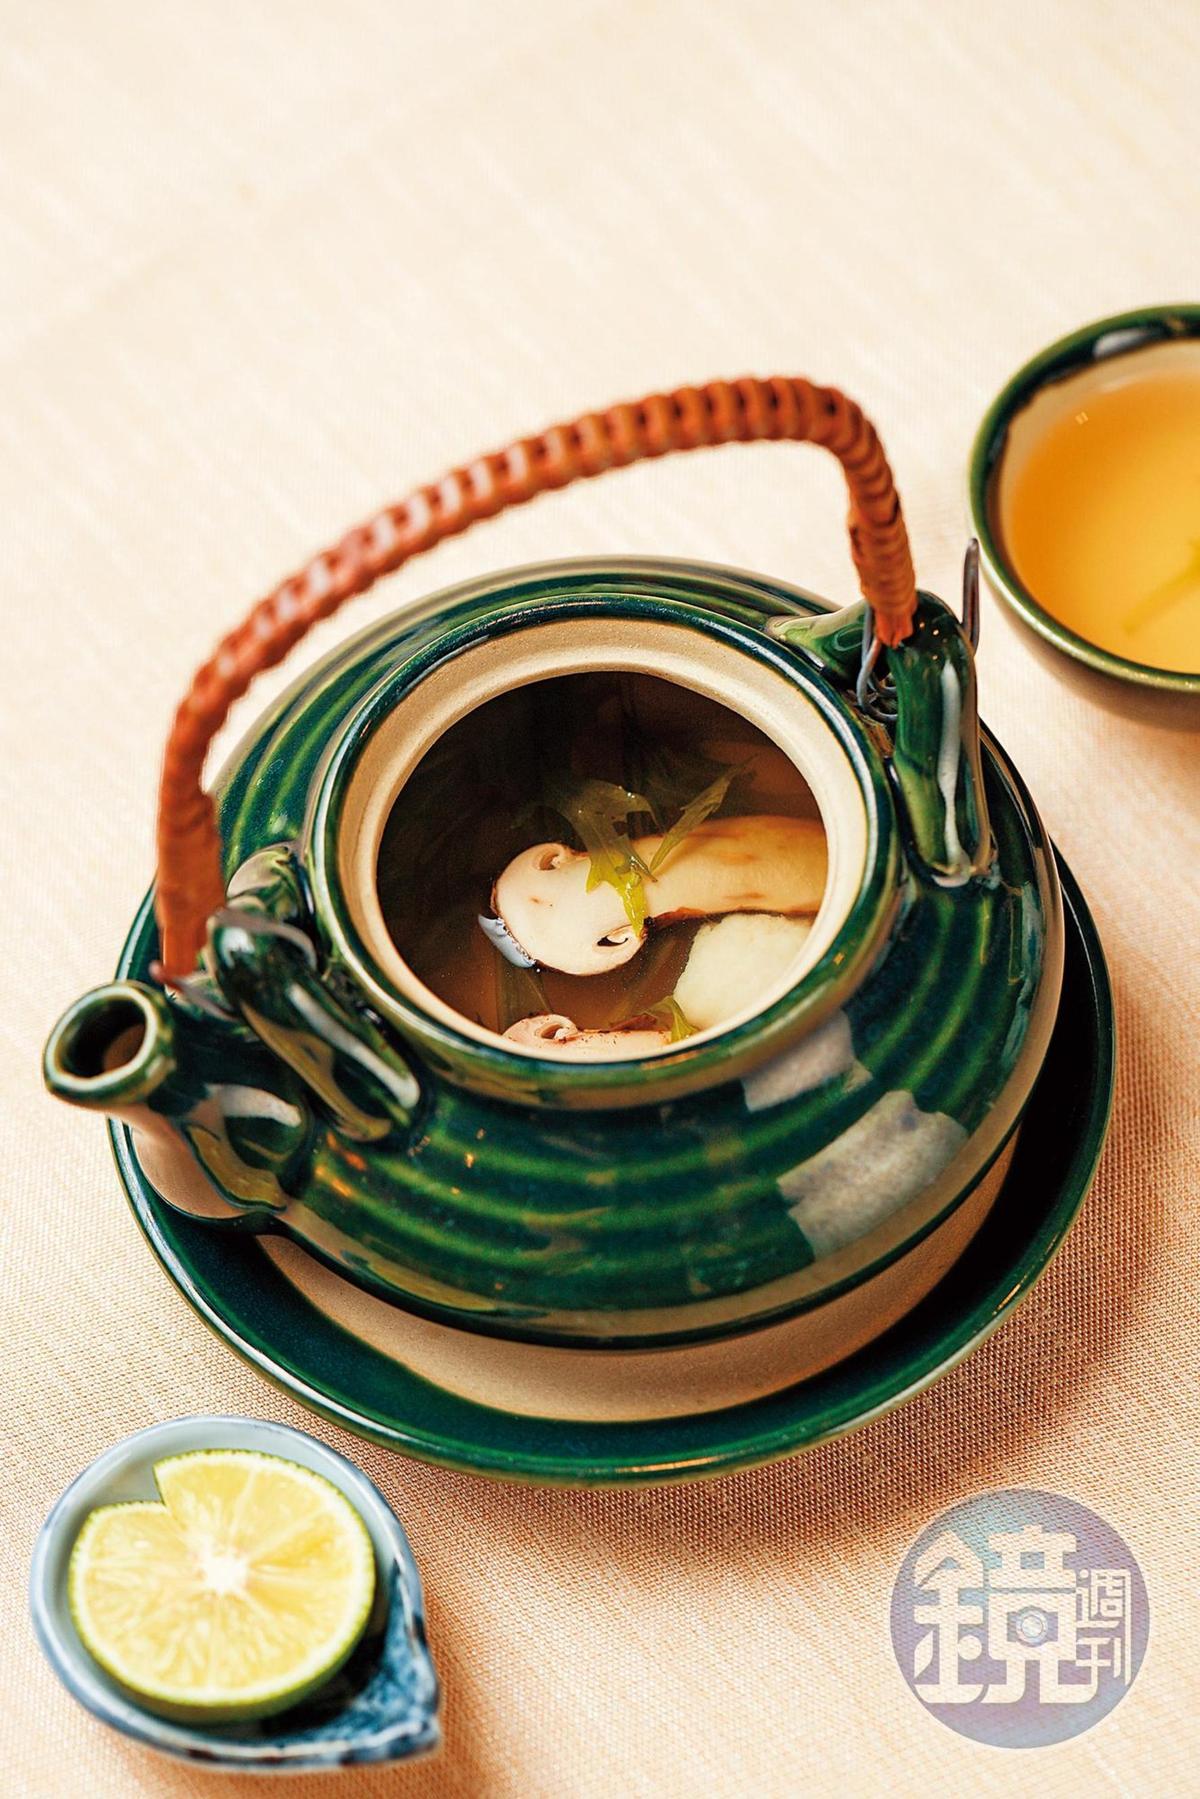 熱呼呼上桌的茶碗蒸裡有秋天才吃得到的松茸。